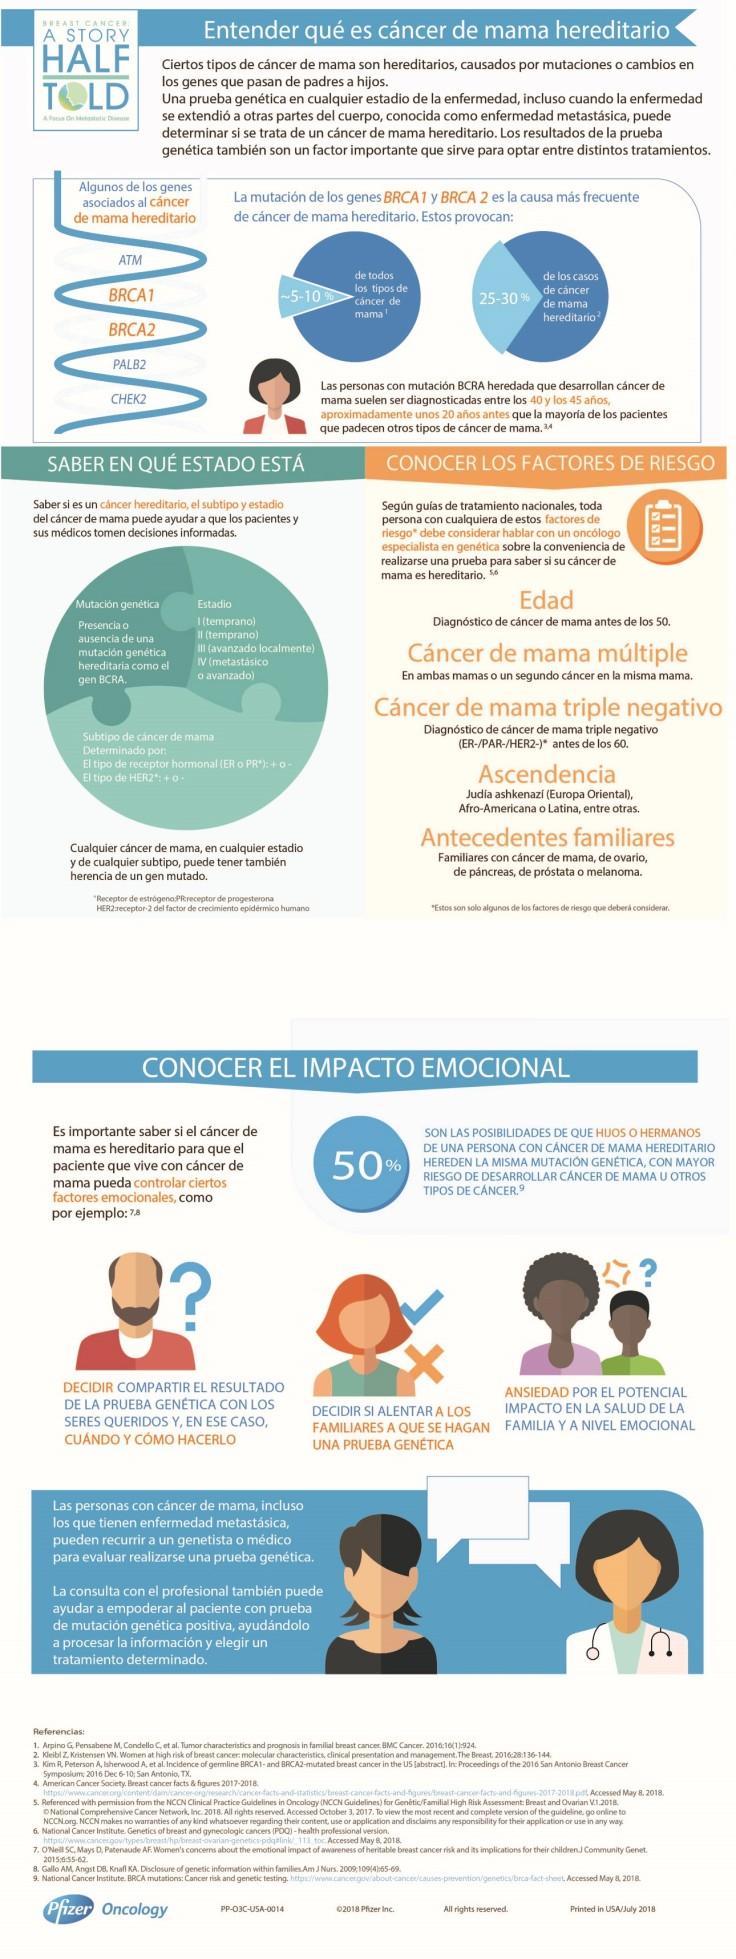 codigo salud online cancer de mama (1).jpg